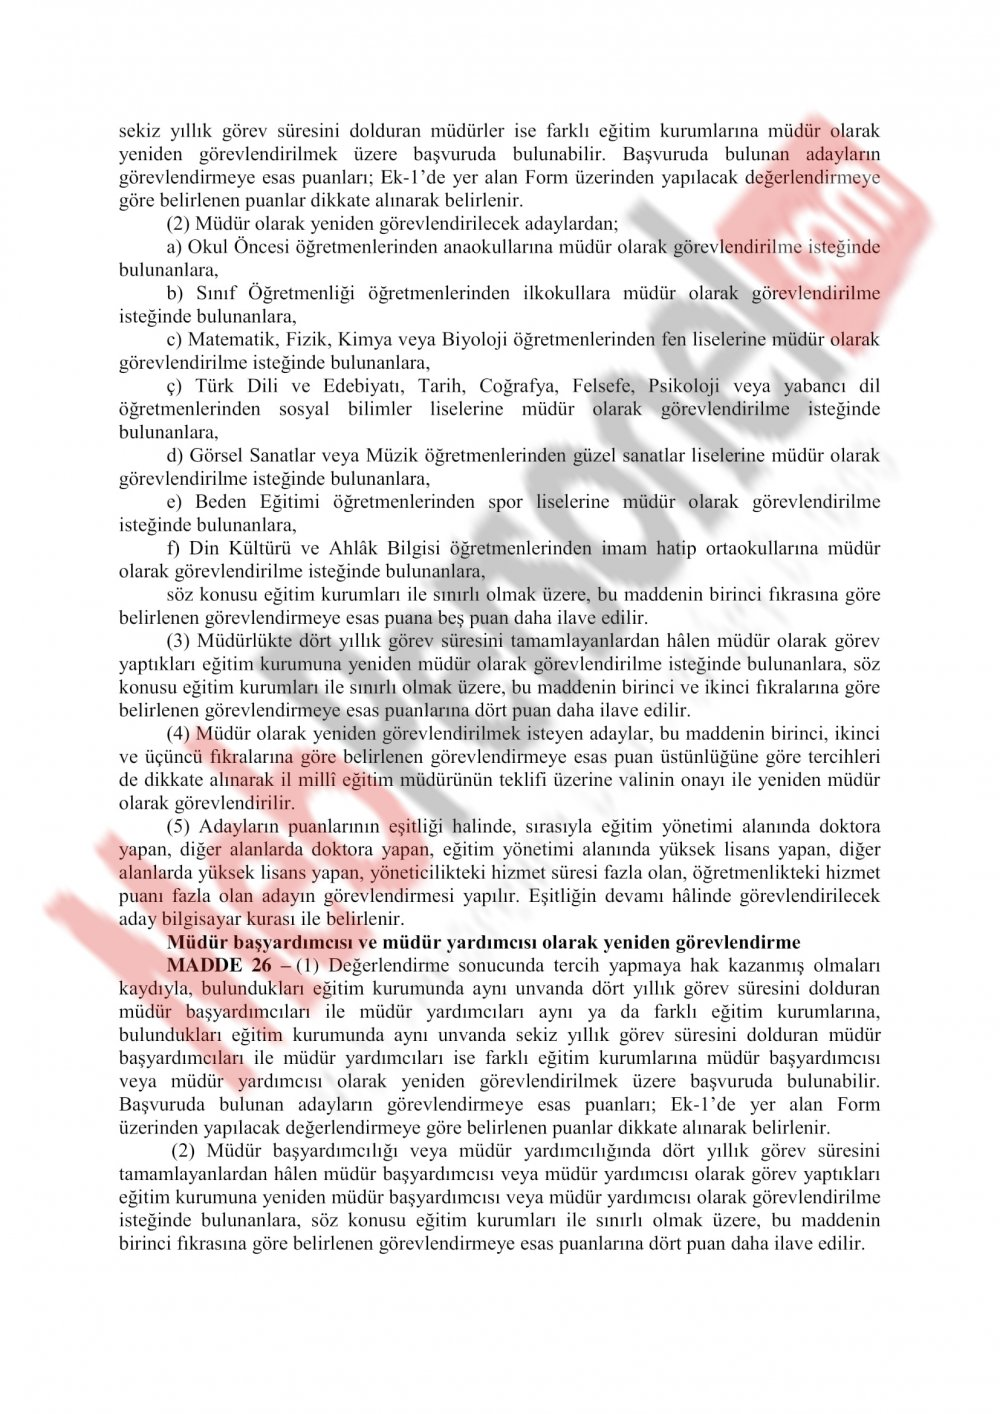 MEB Yönetici Atama Yönetmeliği Değişiyor..İşte o yeni taslak..